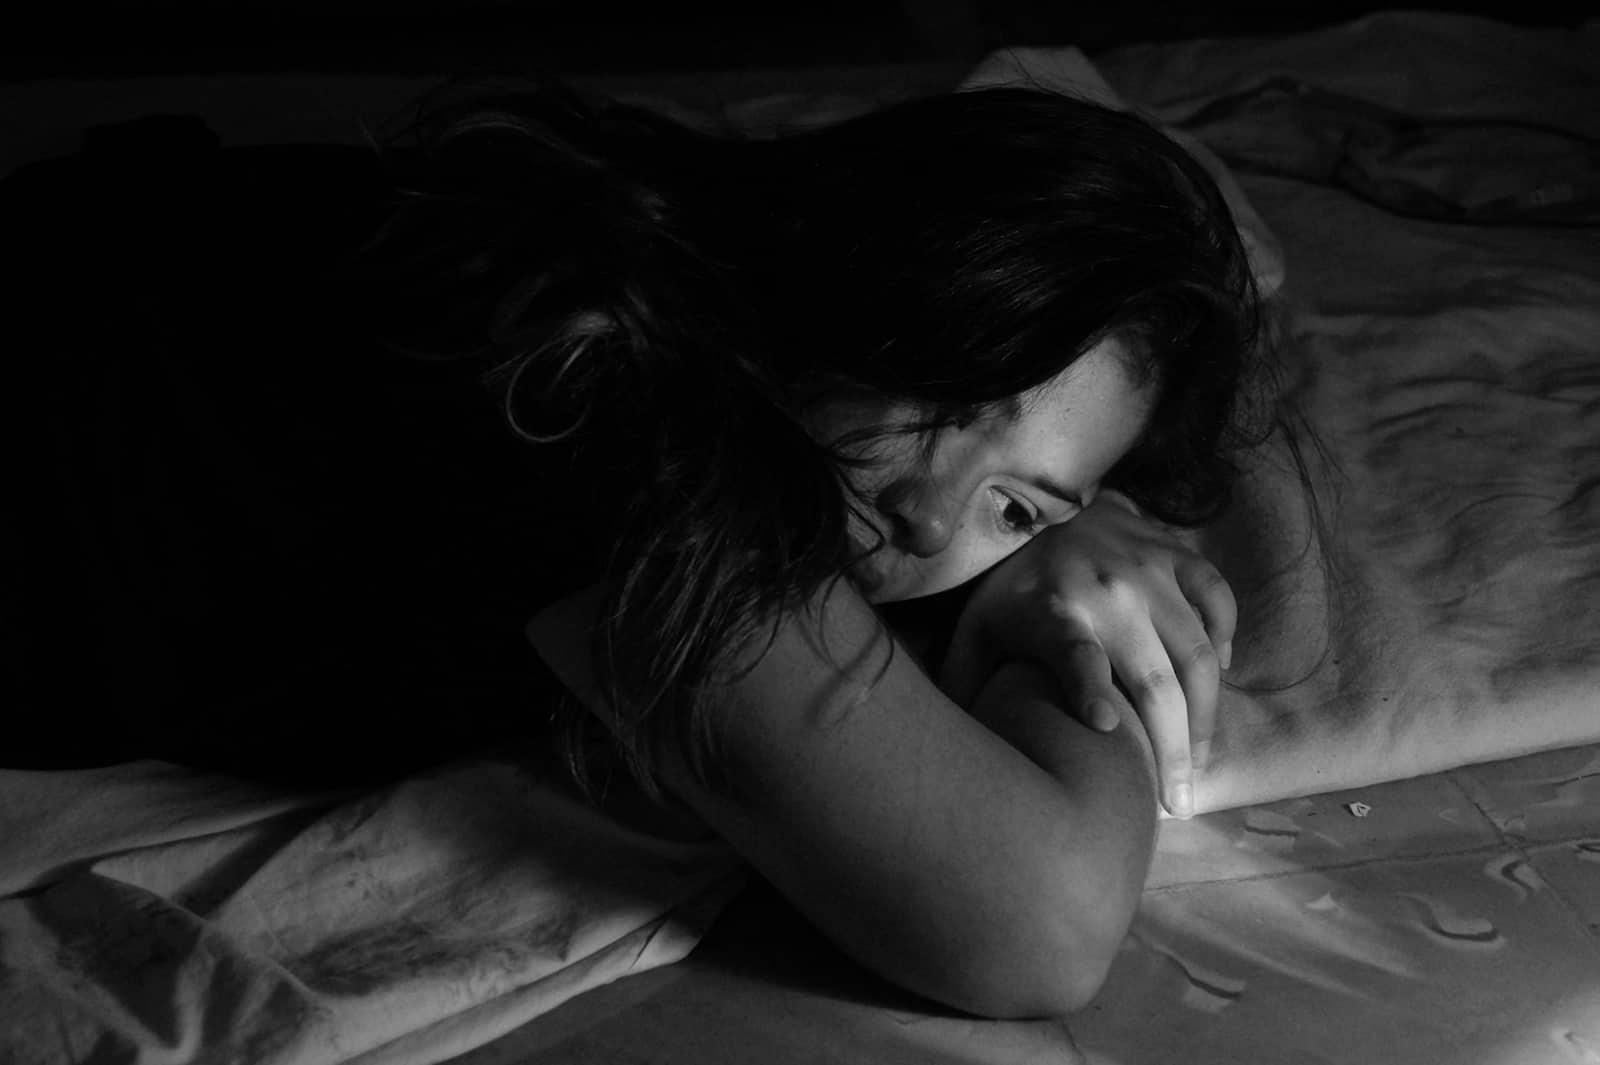 eine Frau, die im Bett liegt und traurig aussieht